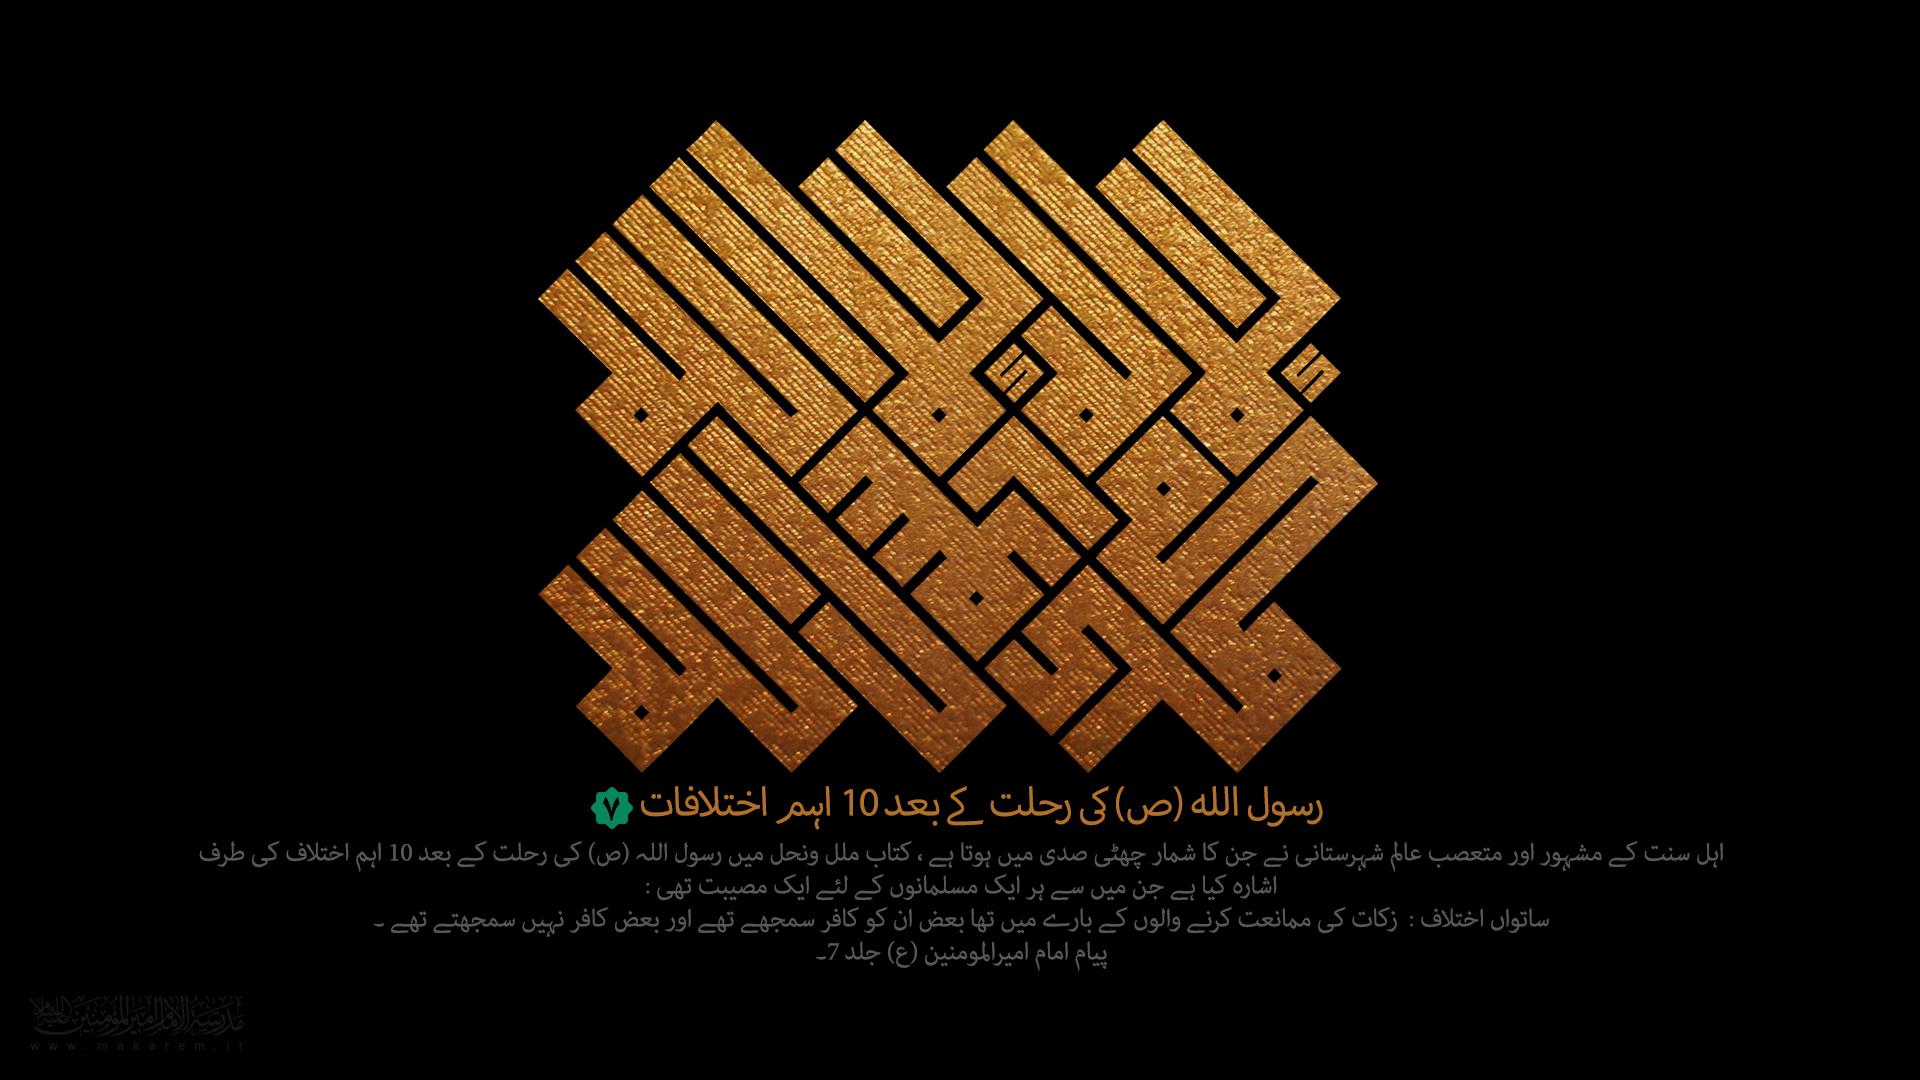 رسول اللہ (ص) کی رحلت کے بعد ١٠ اہم اختلافات-مدرسه الامام امیر المومنین (ع)